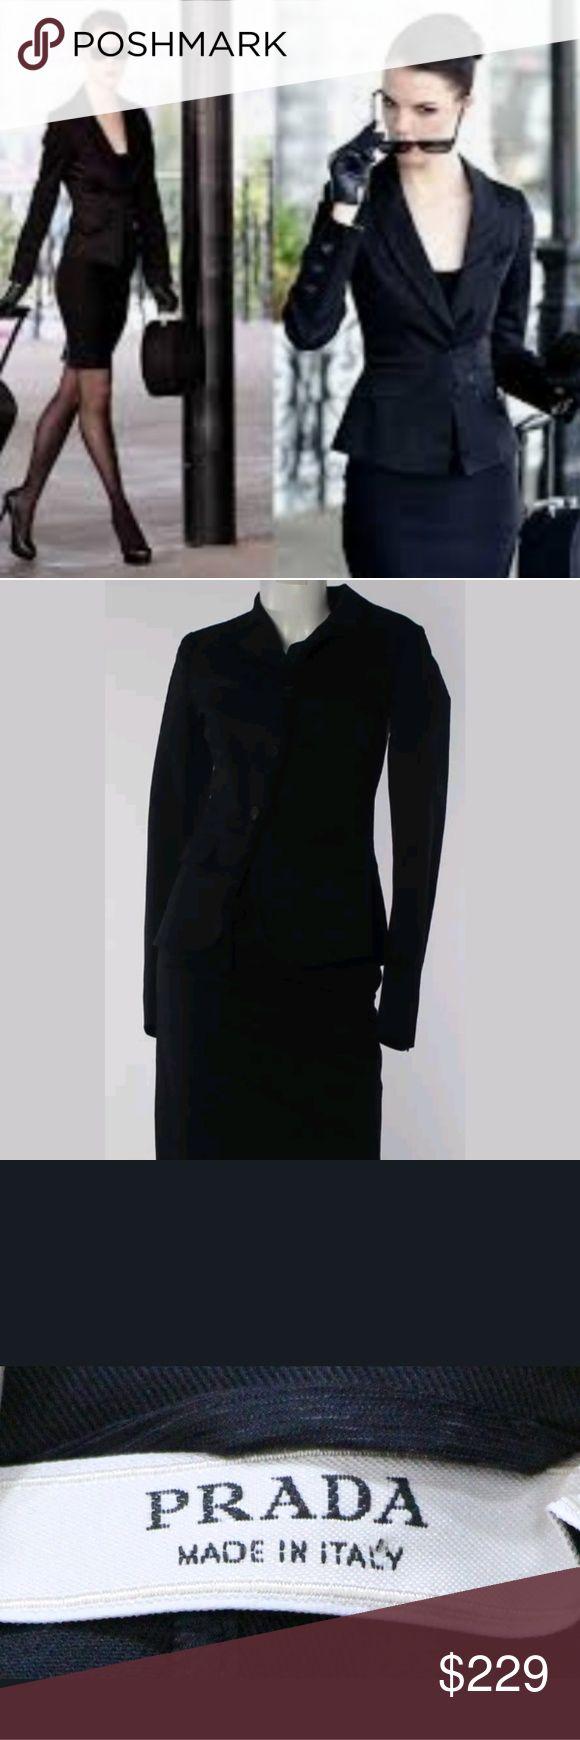 Prada cotton blend skirt suit AUTHENTIC Prada skirt suit. Prada Skirts Skirt Sets